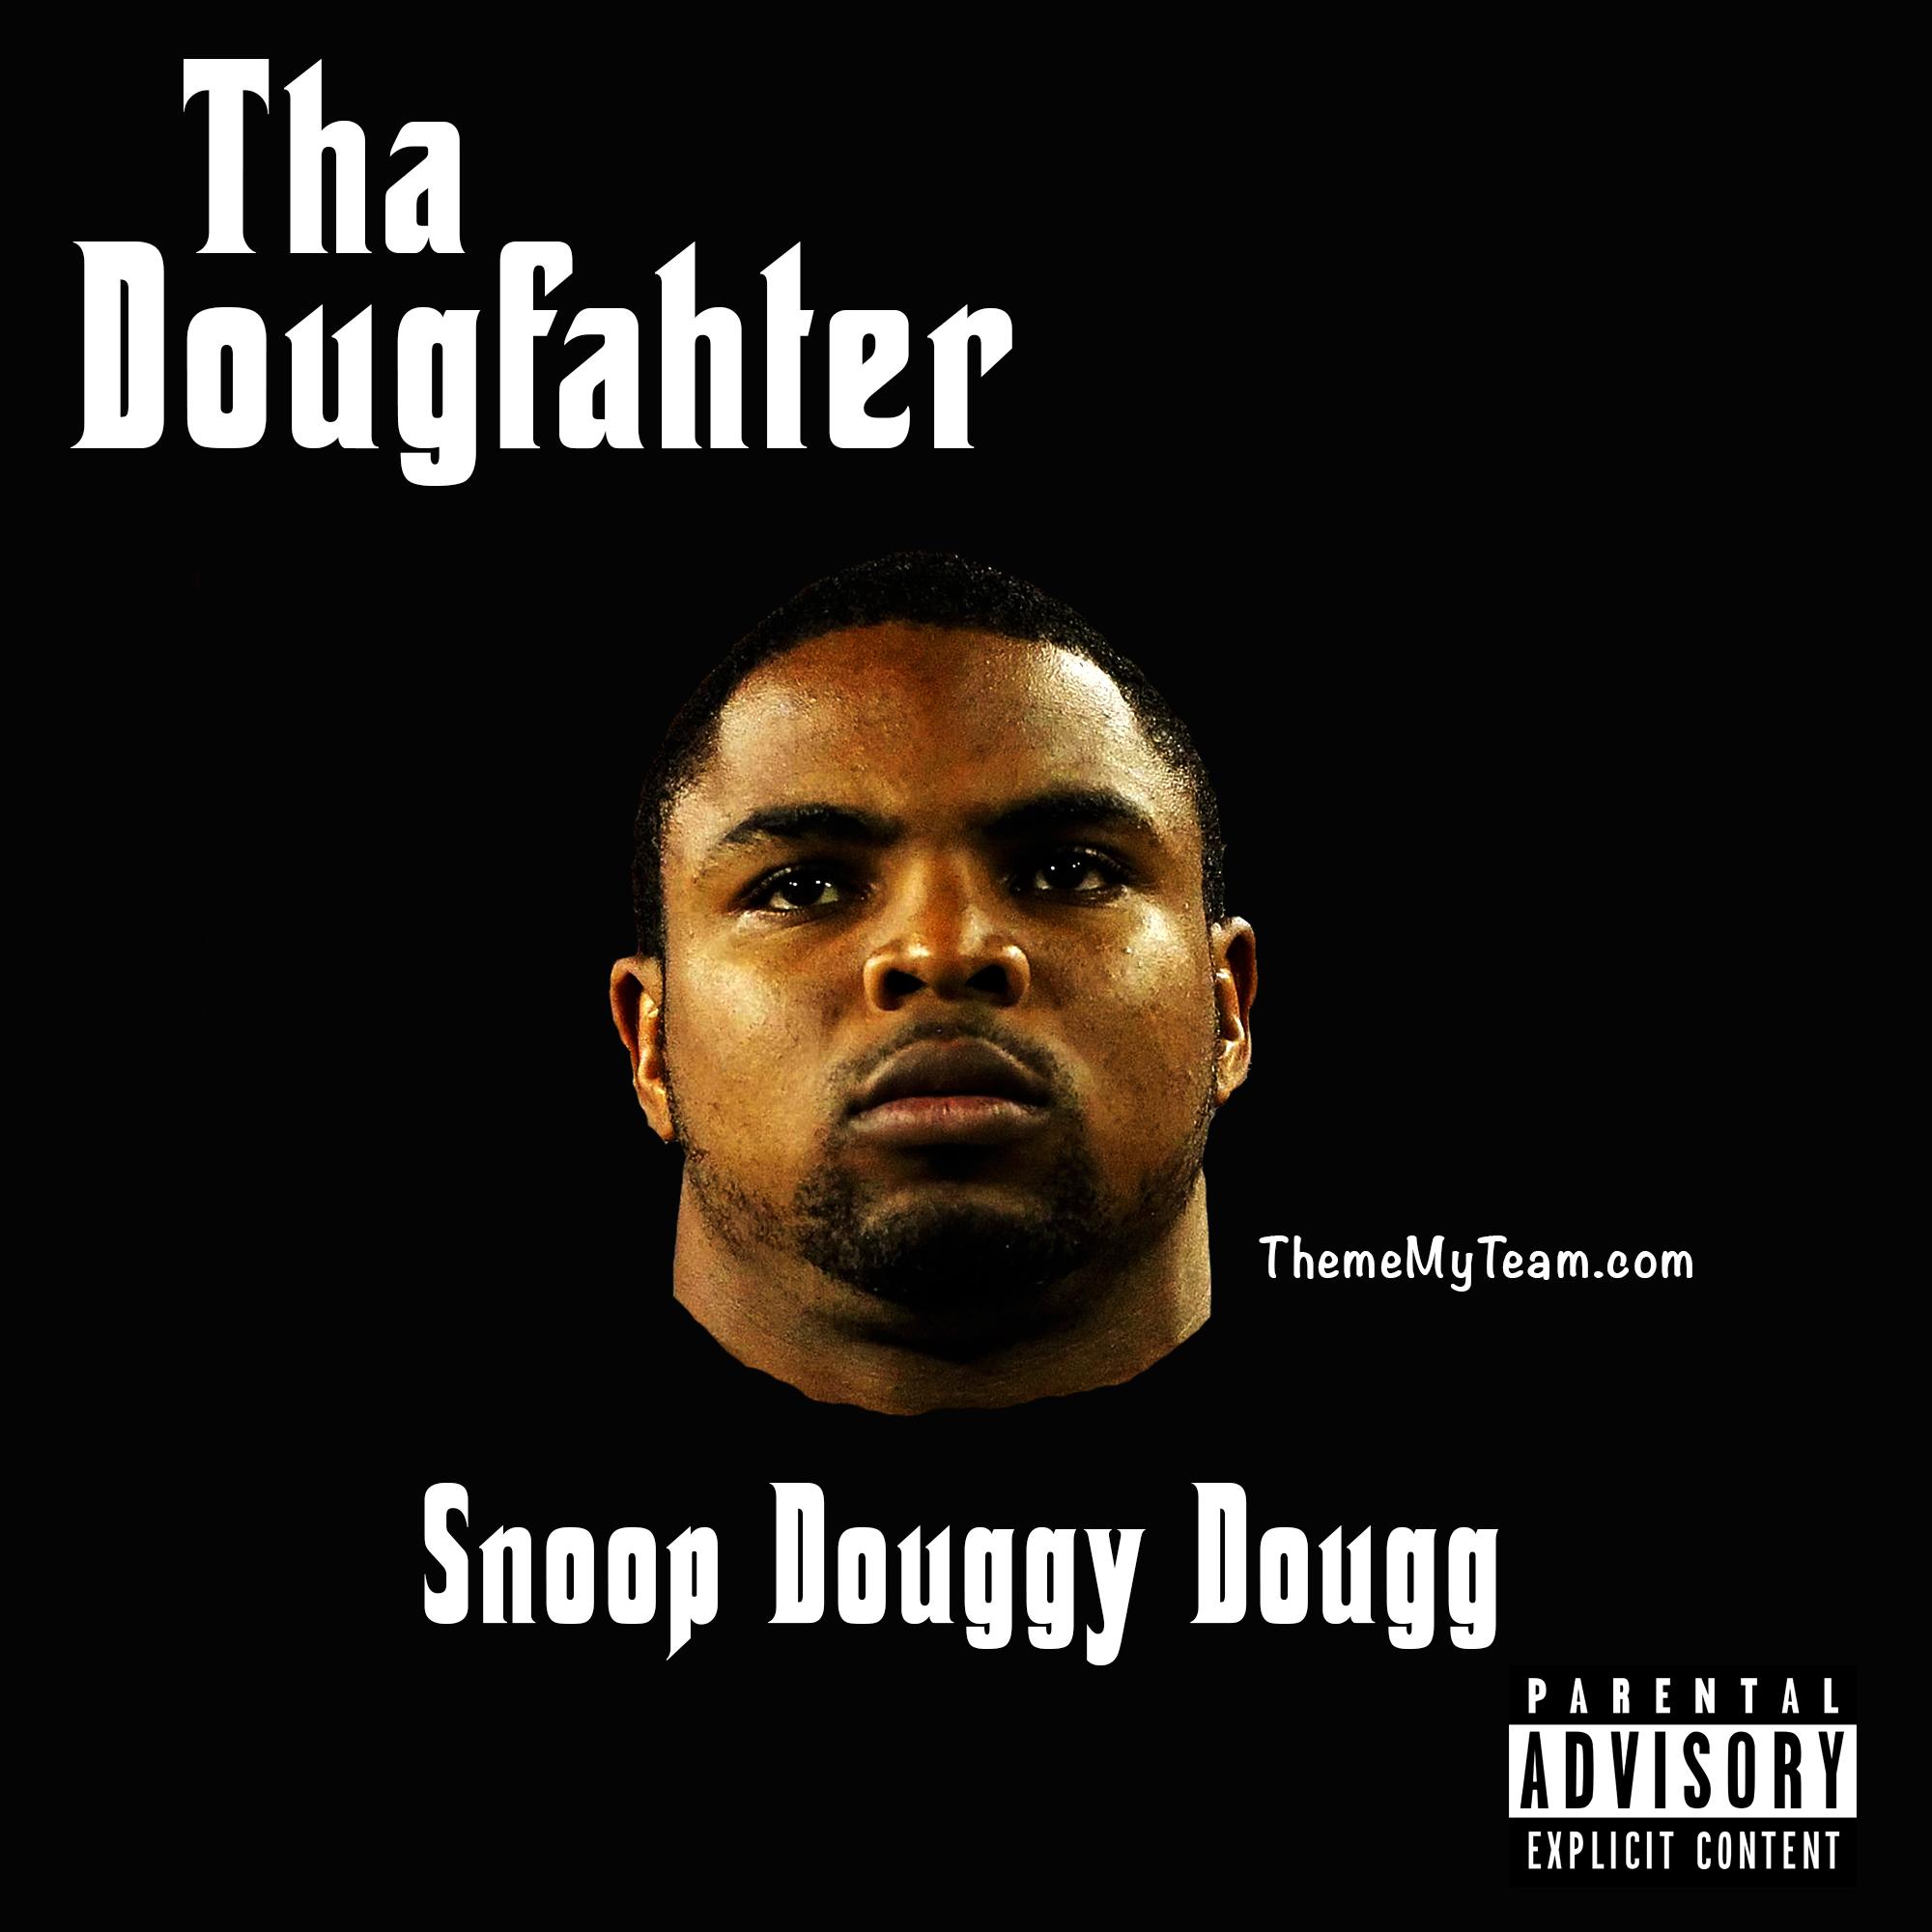 SnoopDouggyDougg_TMT